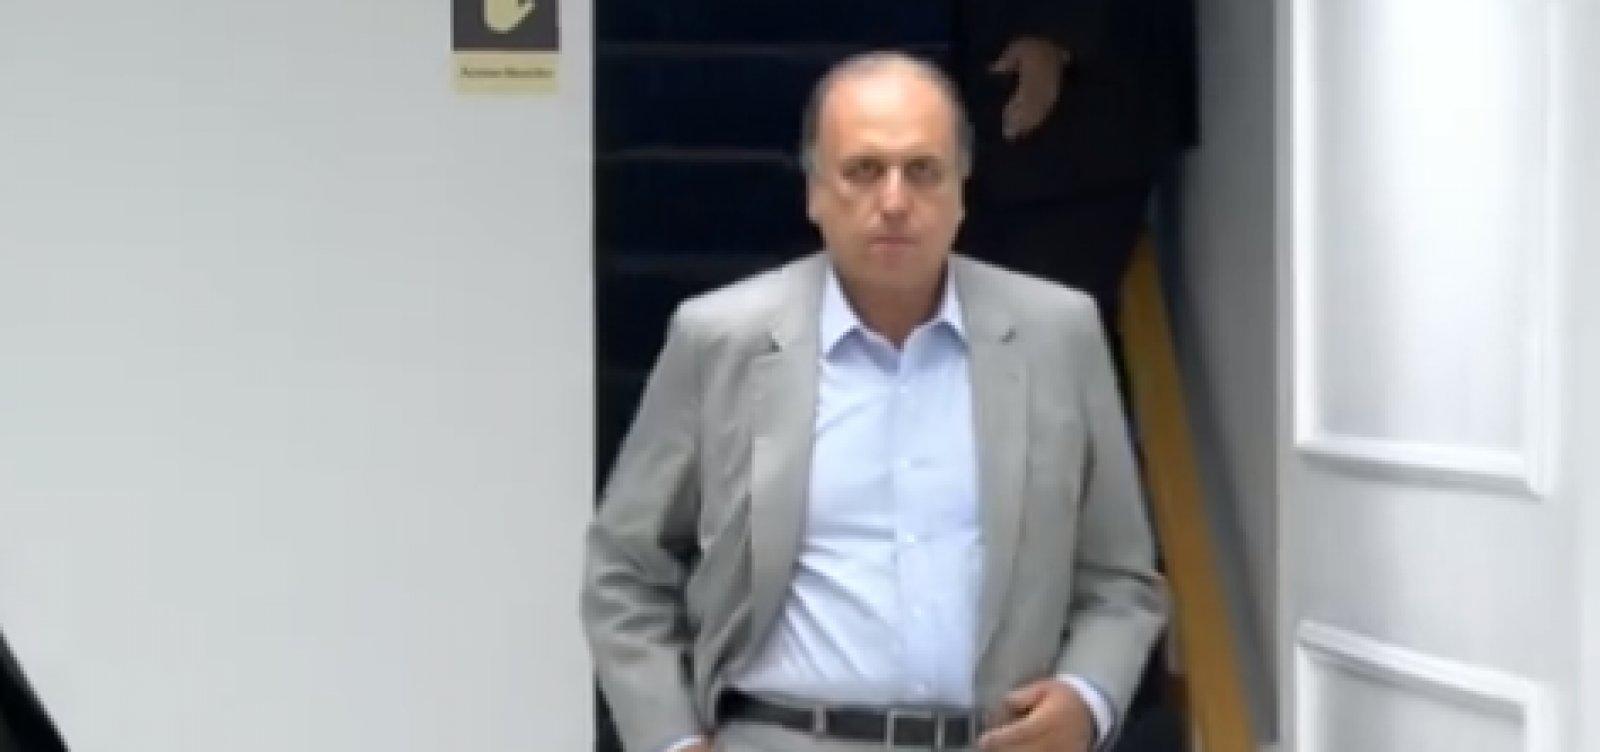 [STJ manda soltar ex-governador Luiz Fernando Pezão]